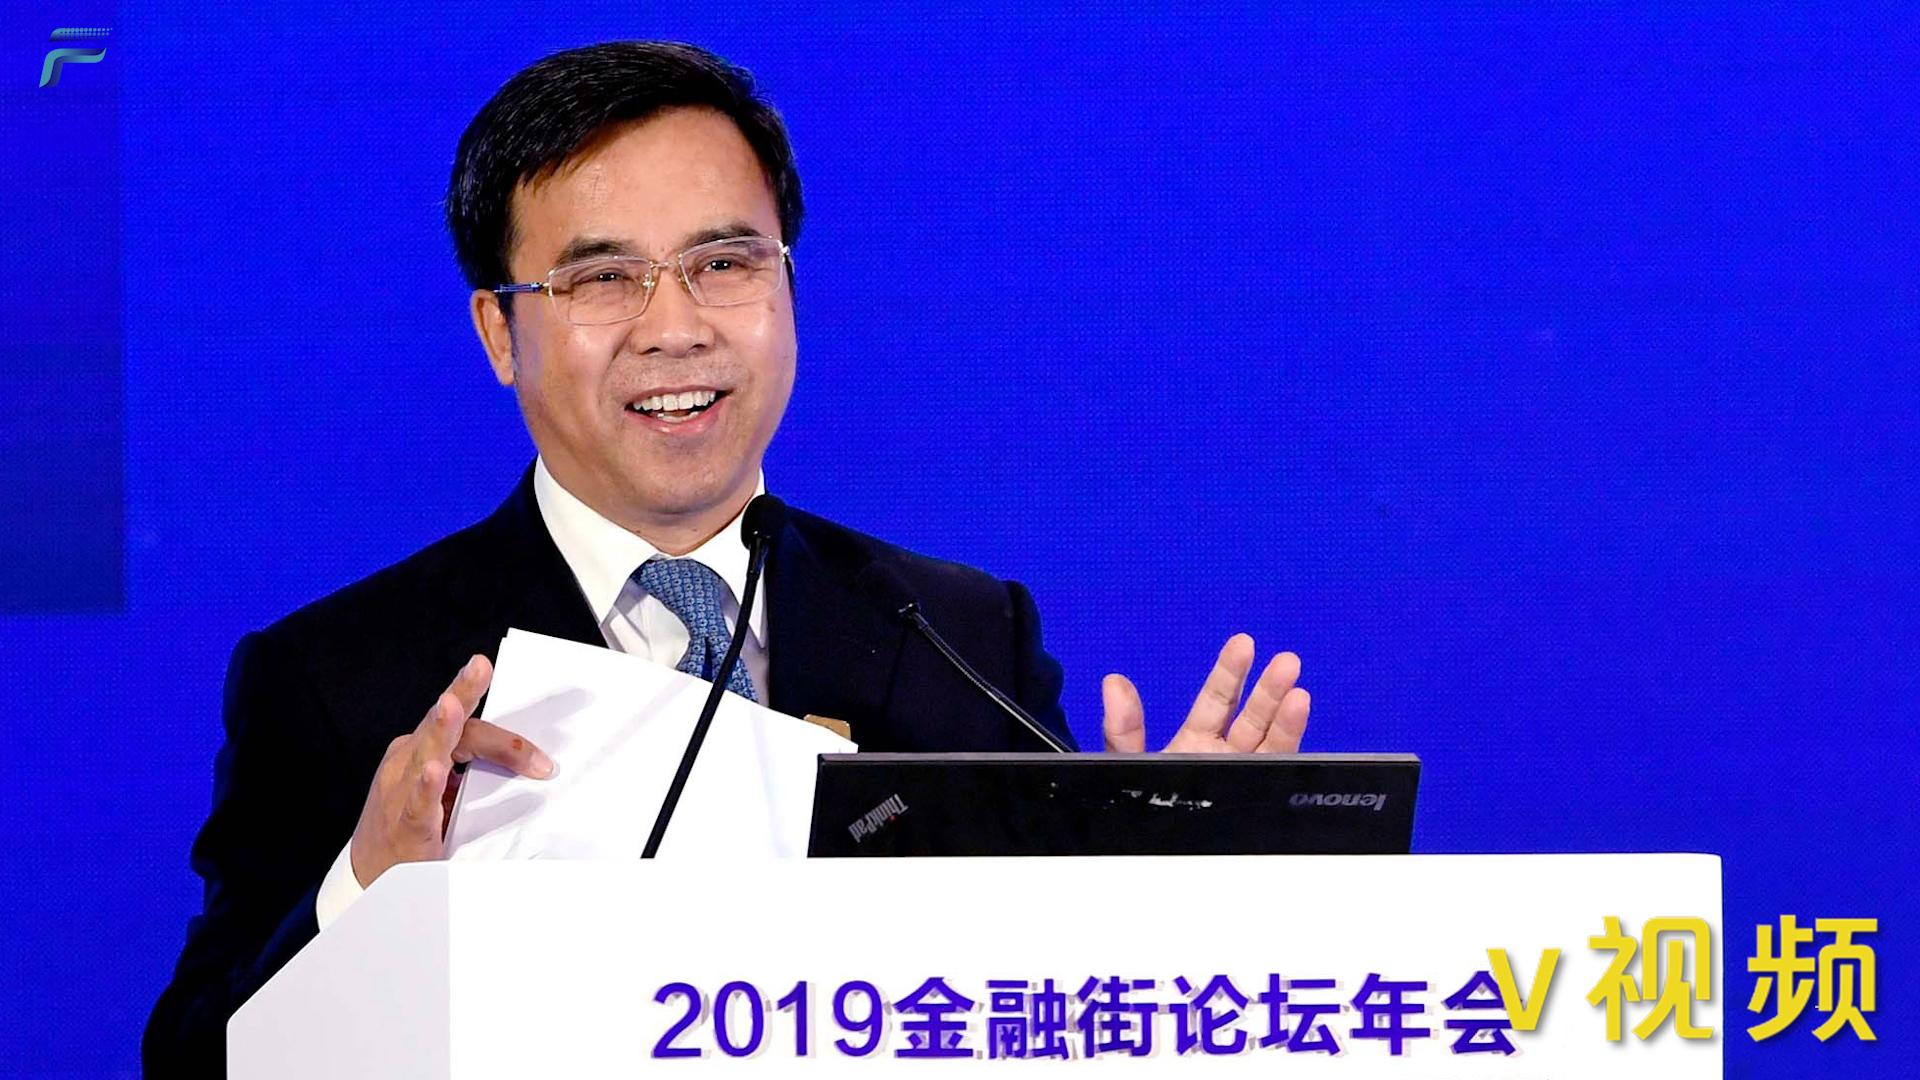 刘连舸:全球金融治理机构改革的三点考量